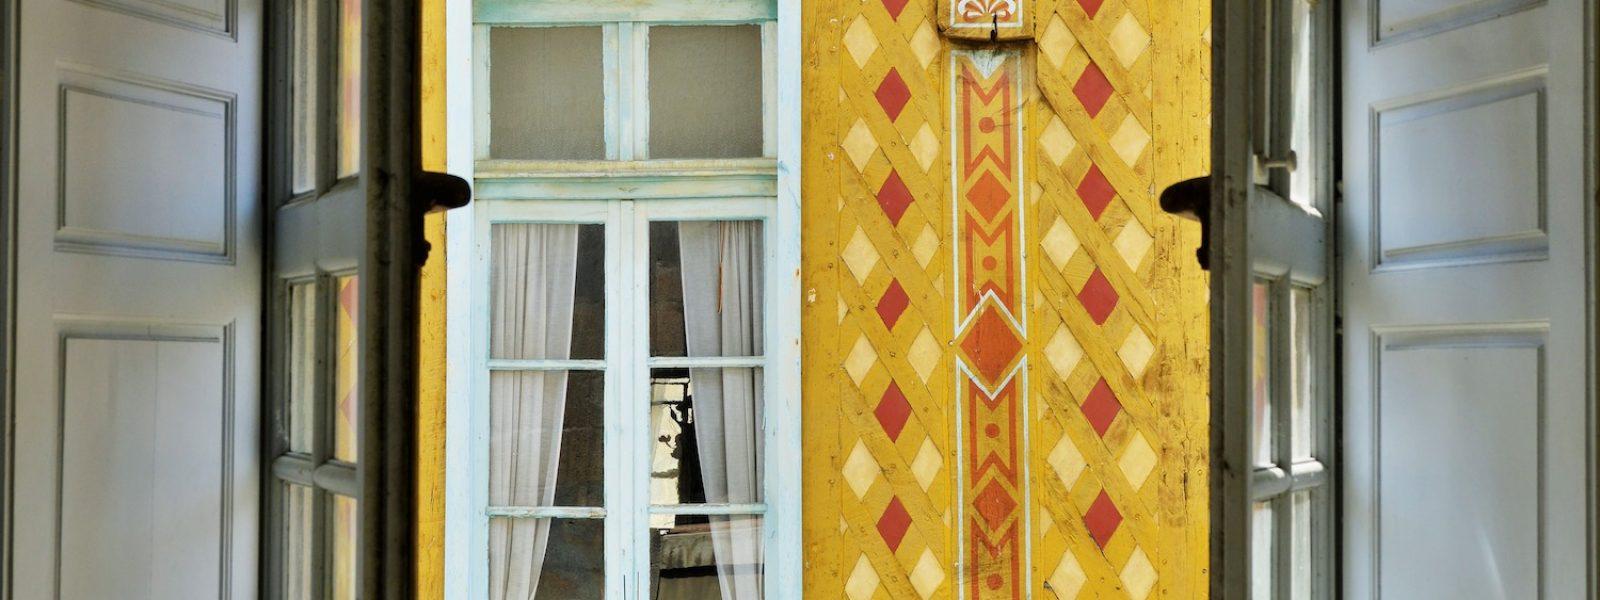 Fenêtre sur Rennes : partagez vos cartes postales